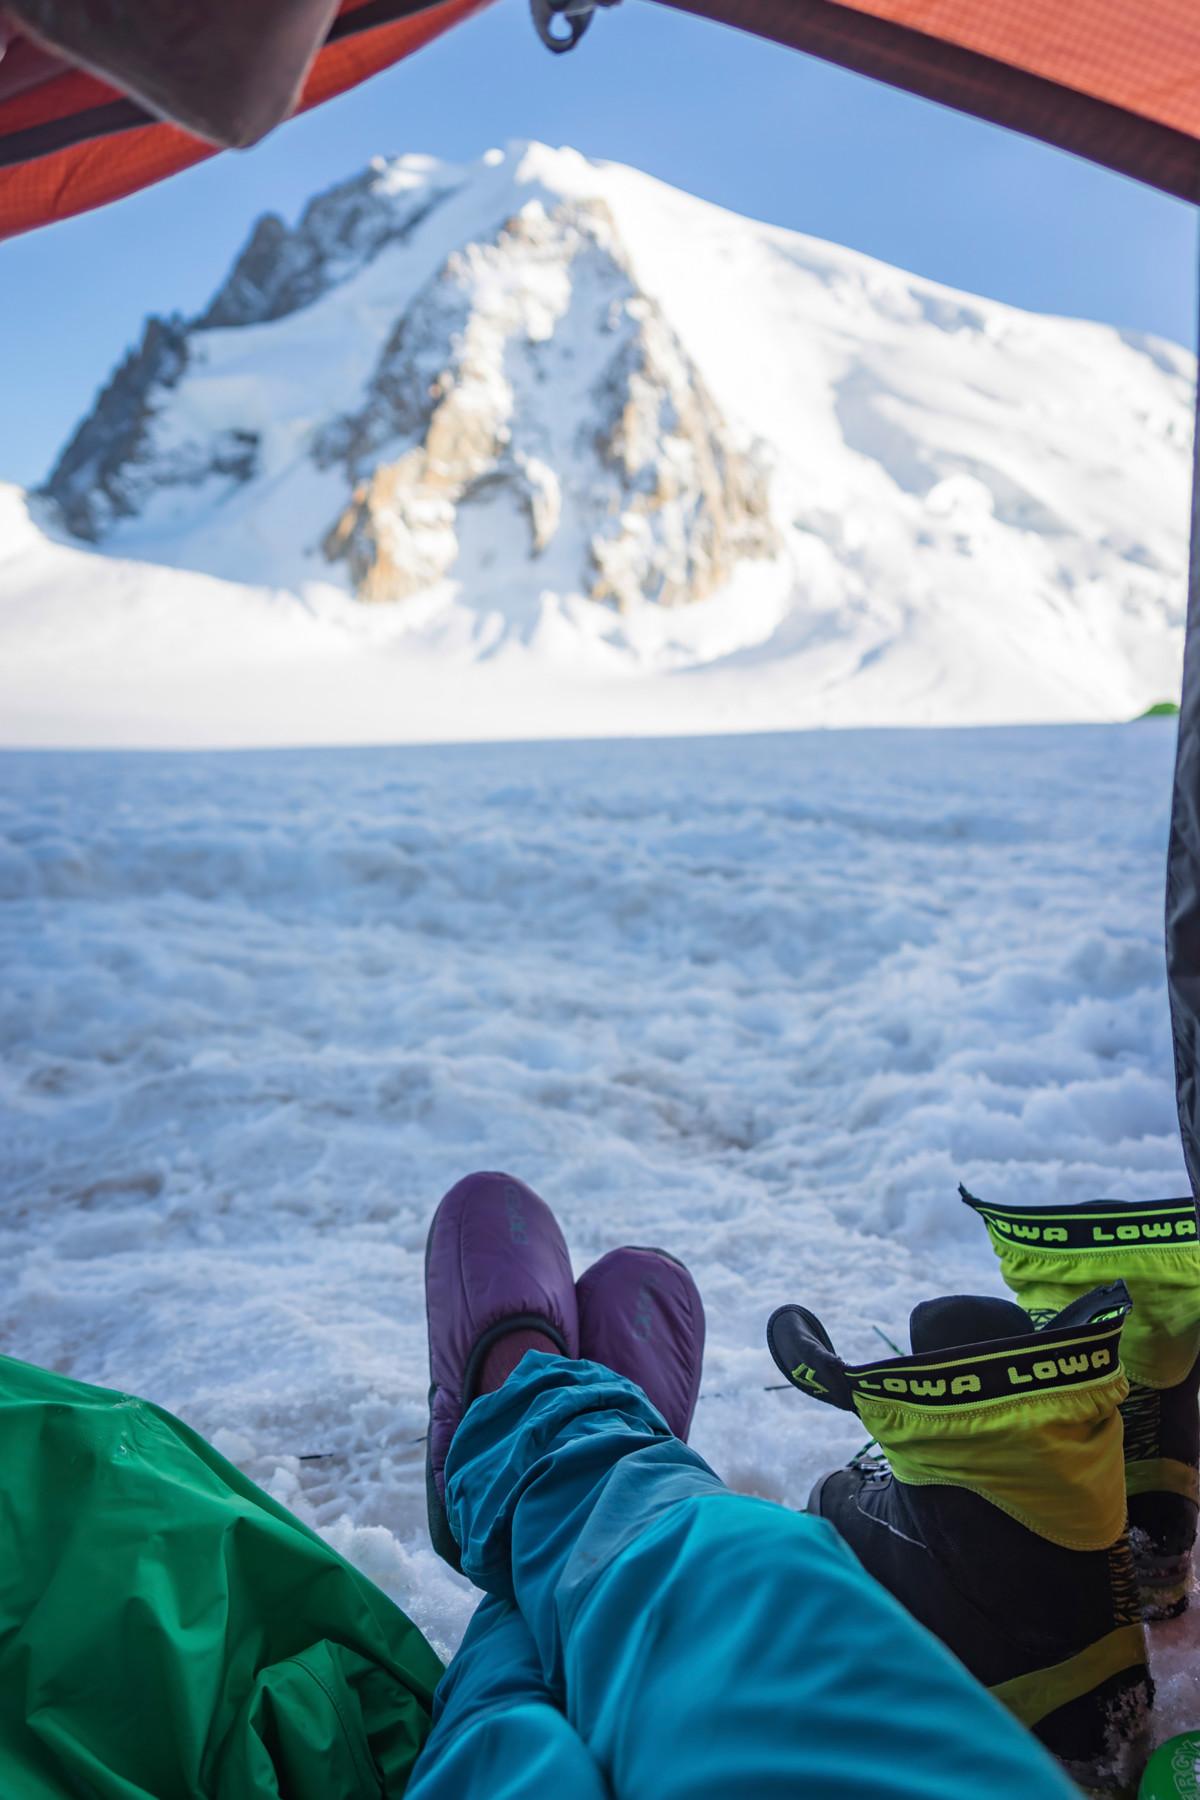 Das Schuhwerk eines Bergsportlers ist sozusagen sein